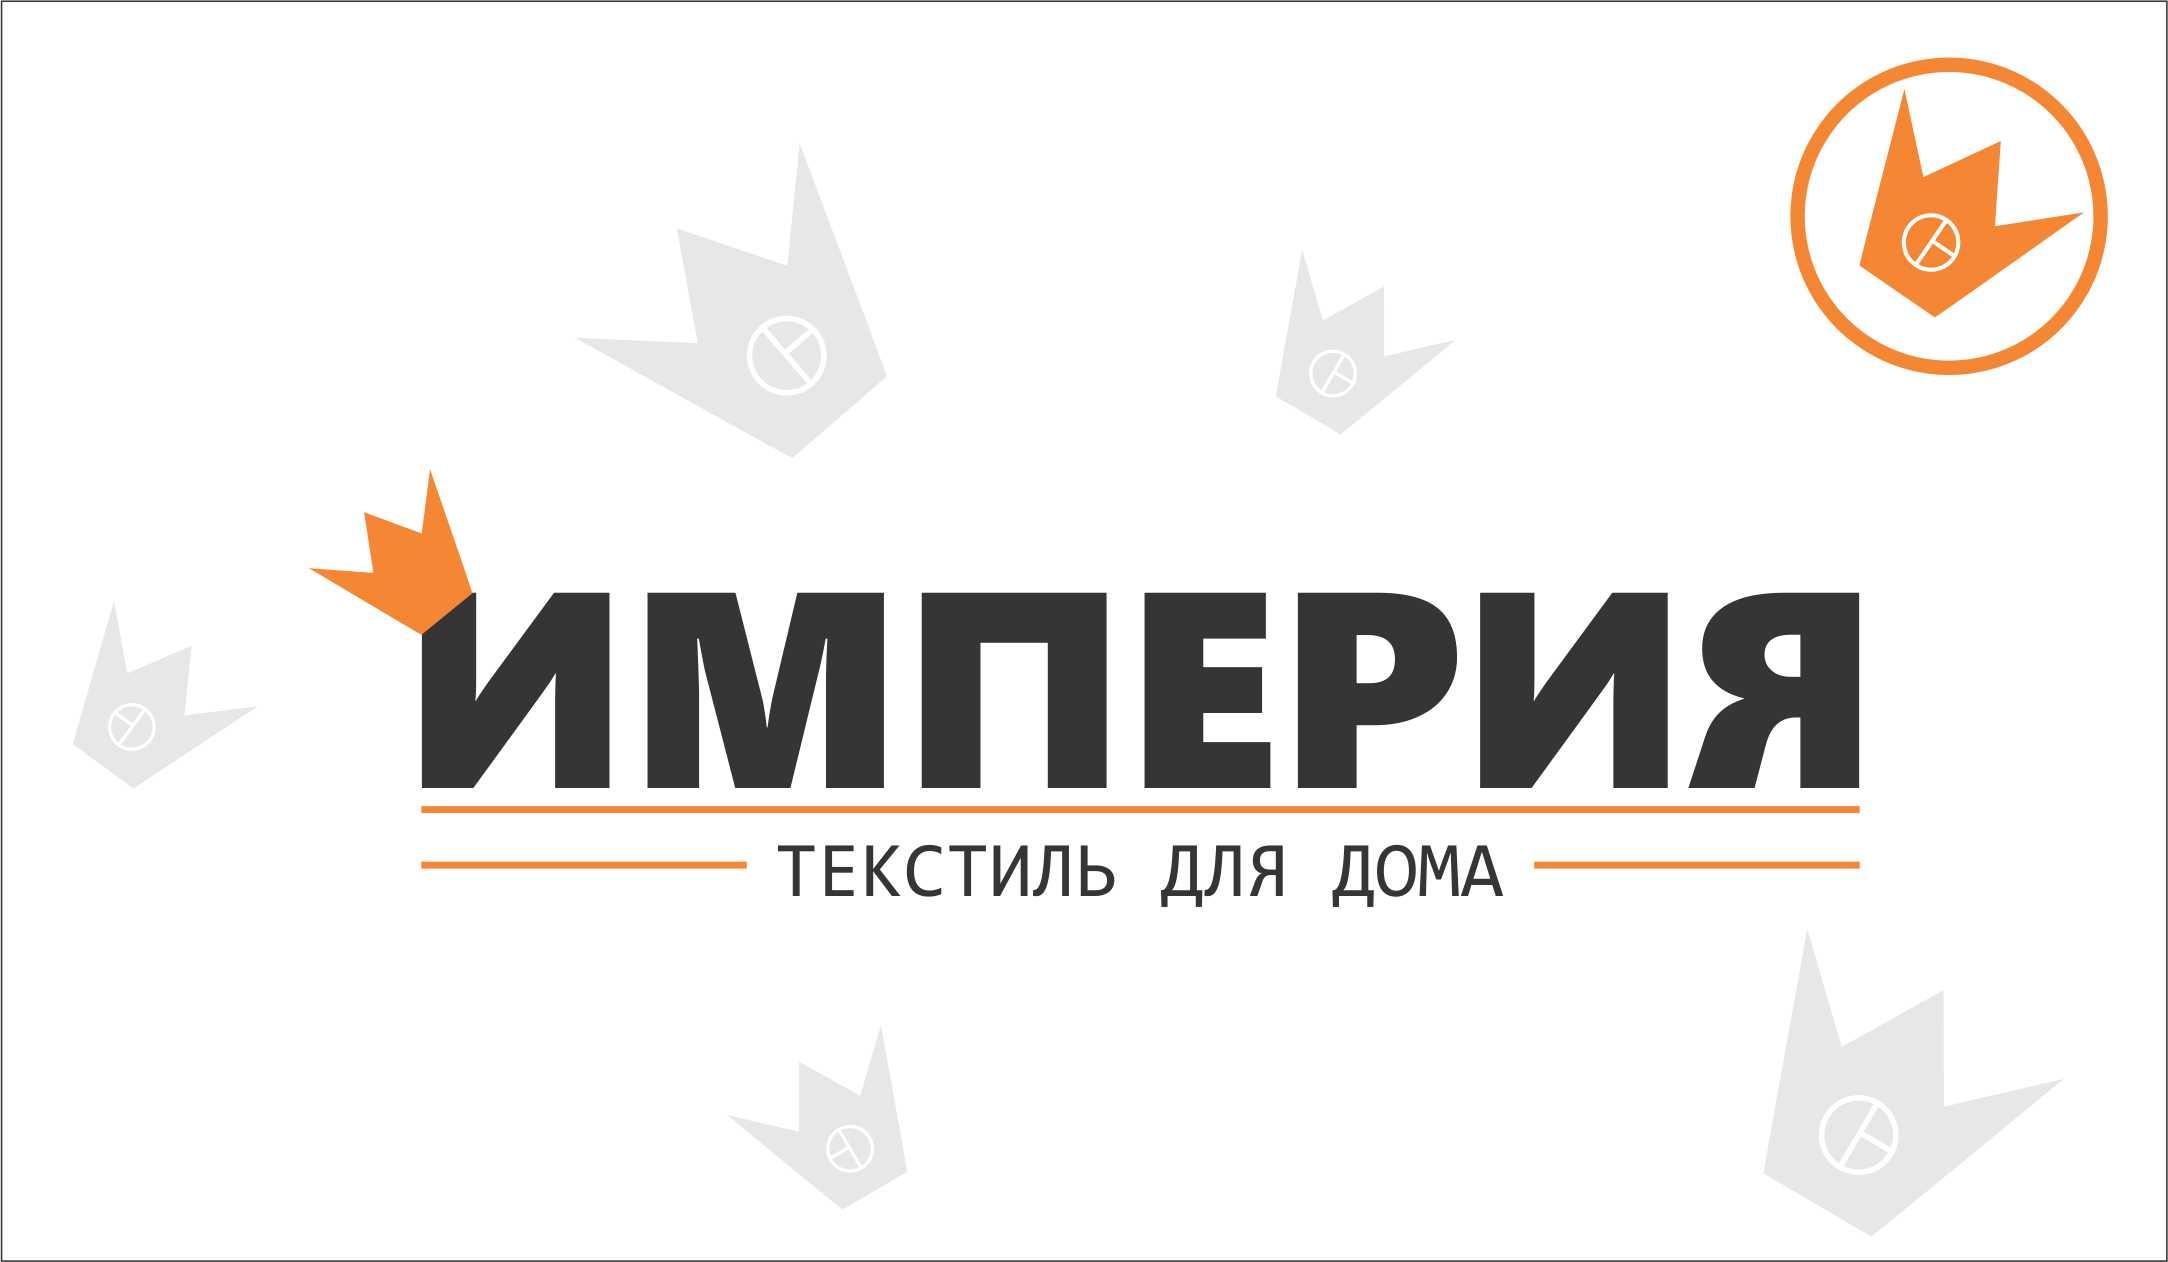 Разработать логотип для нового бренда фото f_30359ea5435024f8.jpg